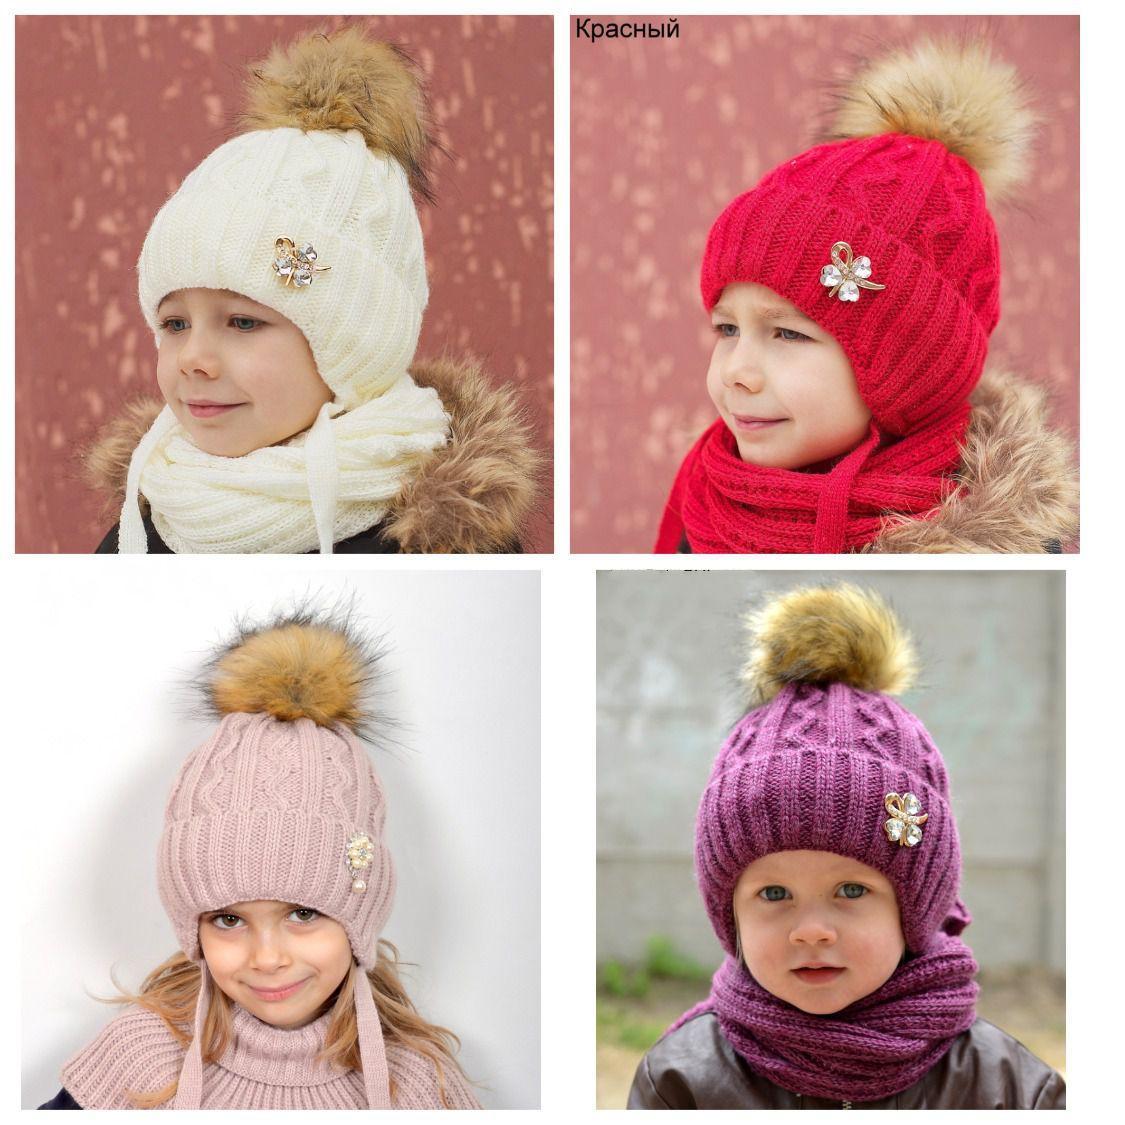 Шапка з помпоном для дівчинки Зима 2021